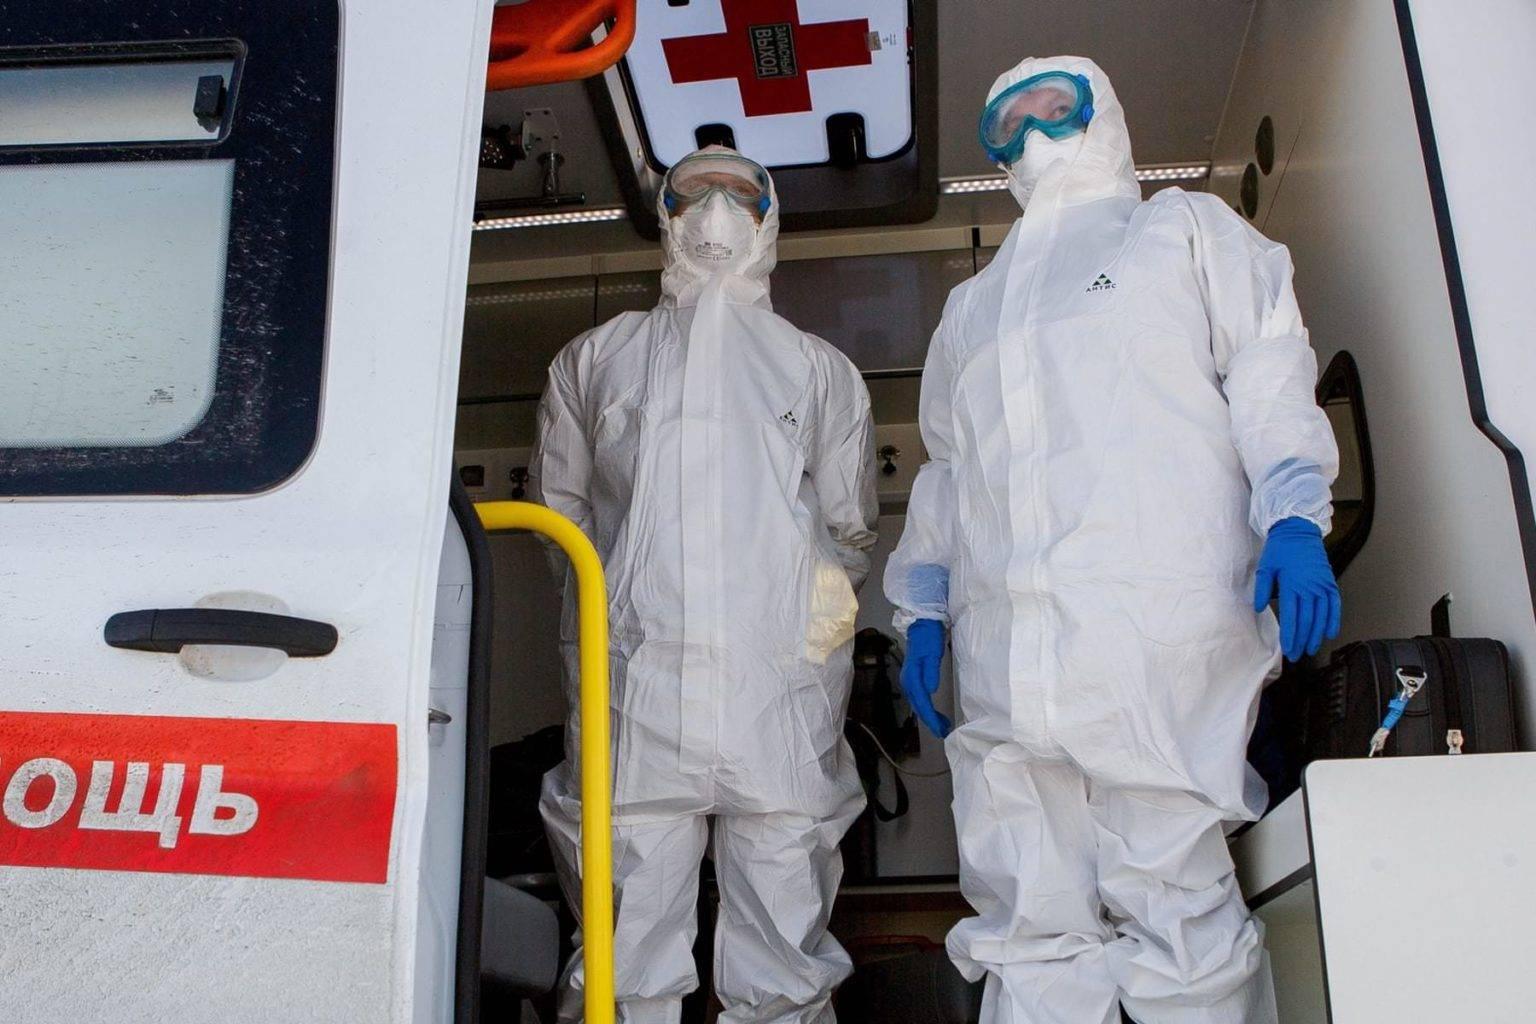 Где и сколько заболевших коронавирусной инфекцией в России на 16 апреля 2020 года?